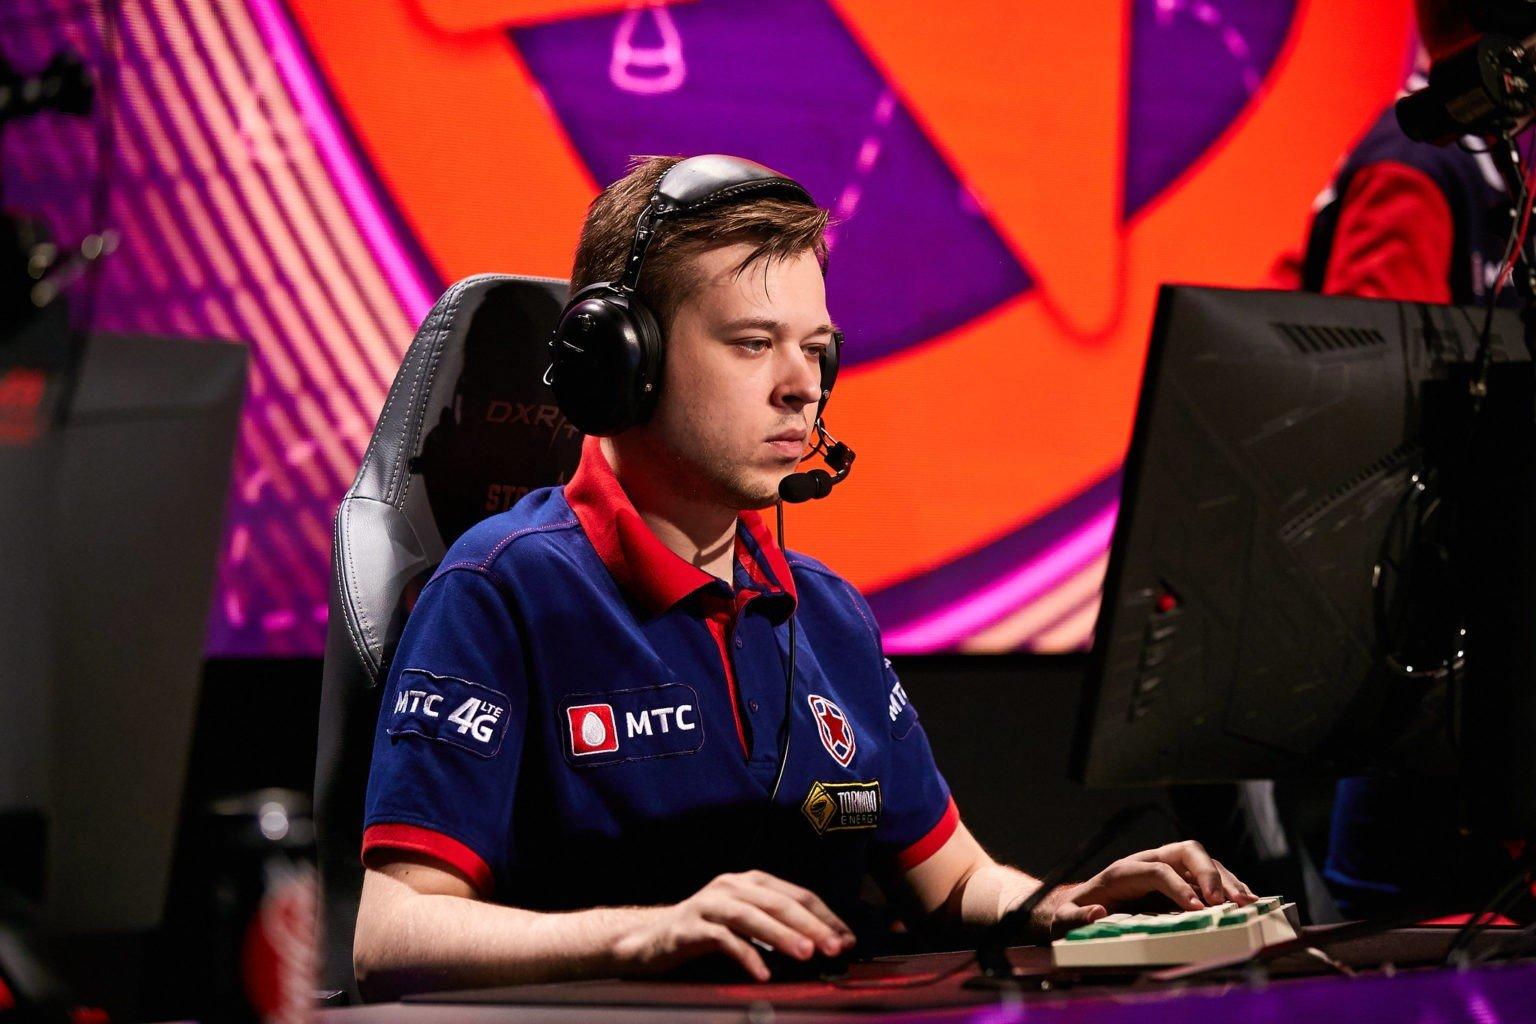 Послесловие о Gambit в Сингапуре что ждет команду дальше